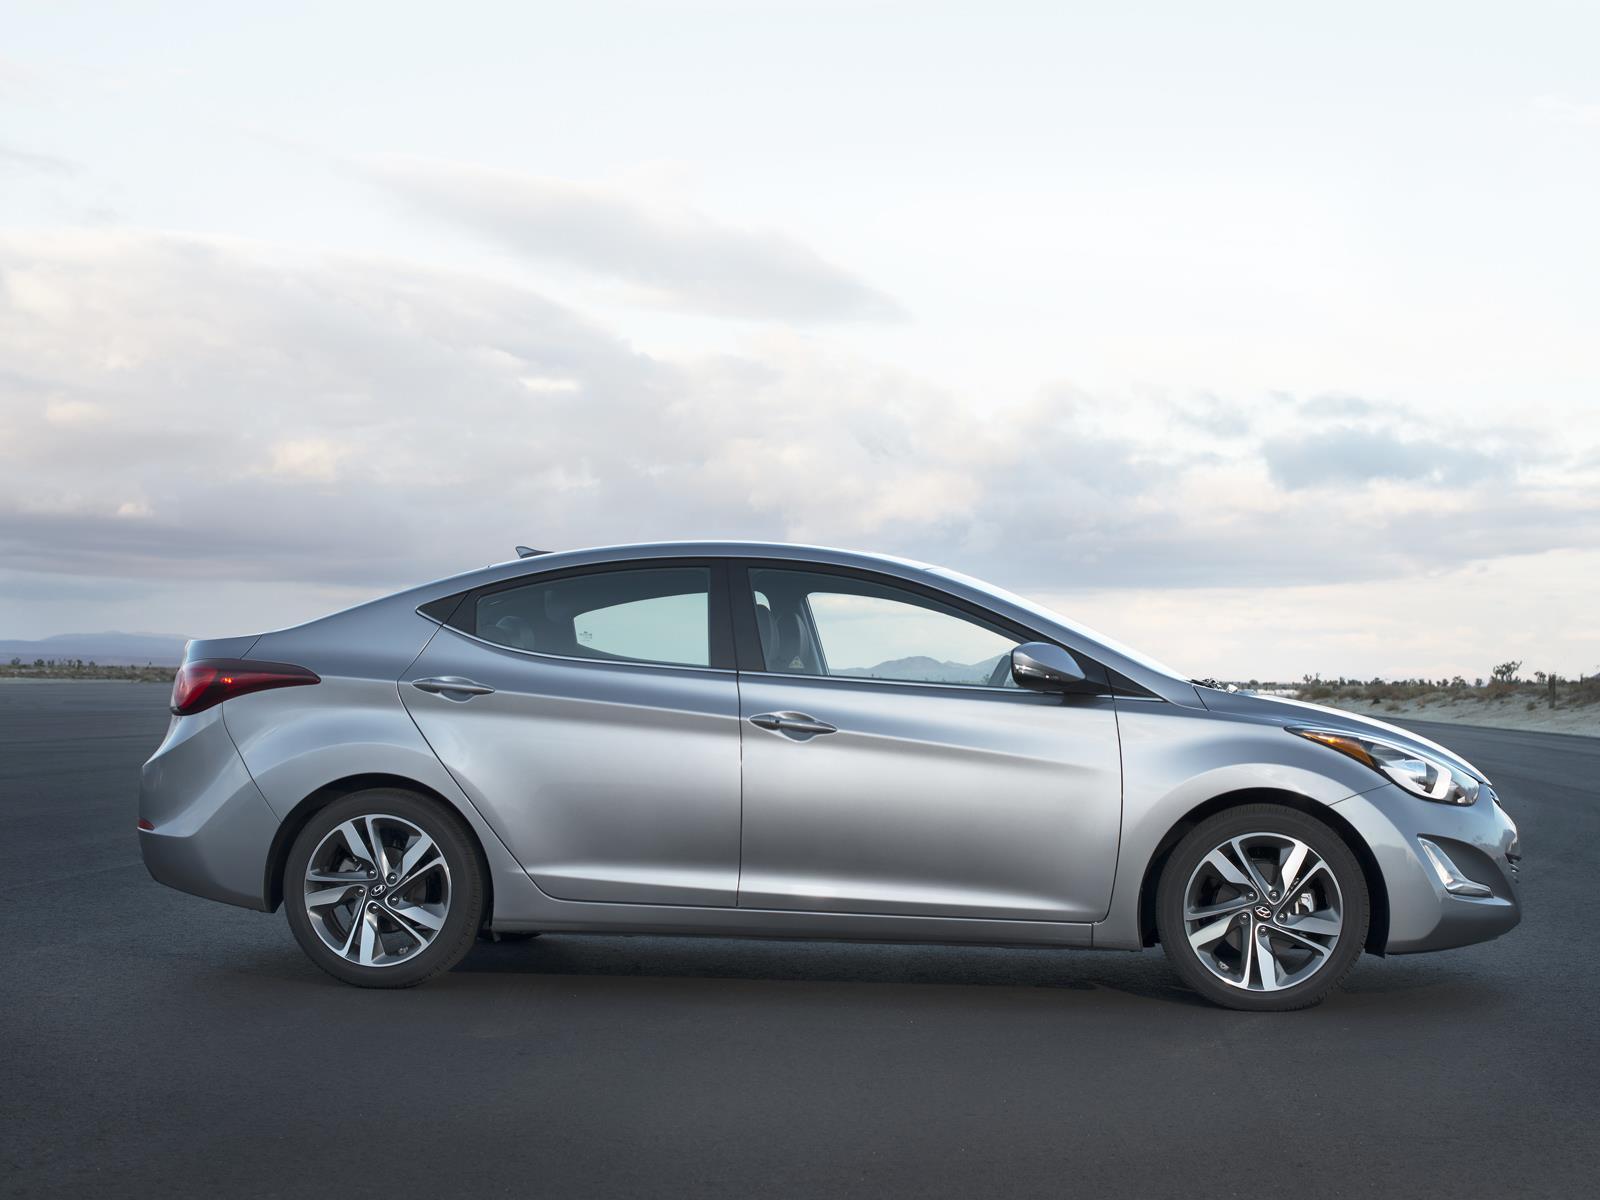 Hyundai Elantra supera 10 millones de unidades producidas ...